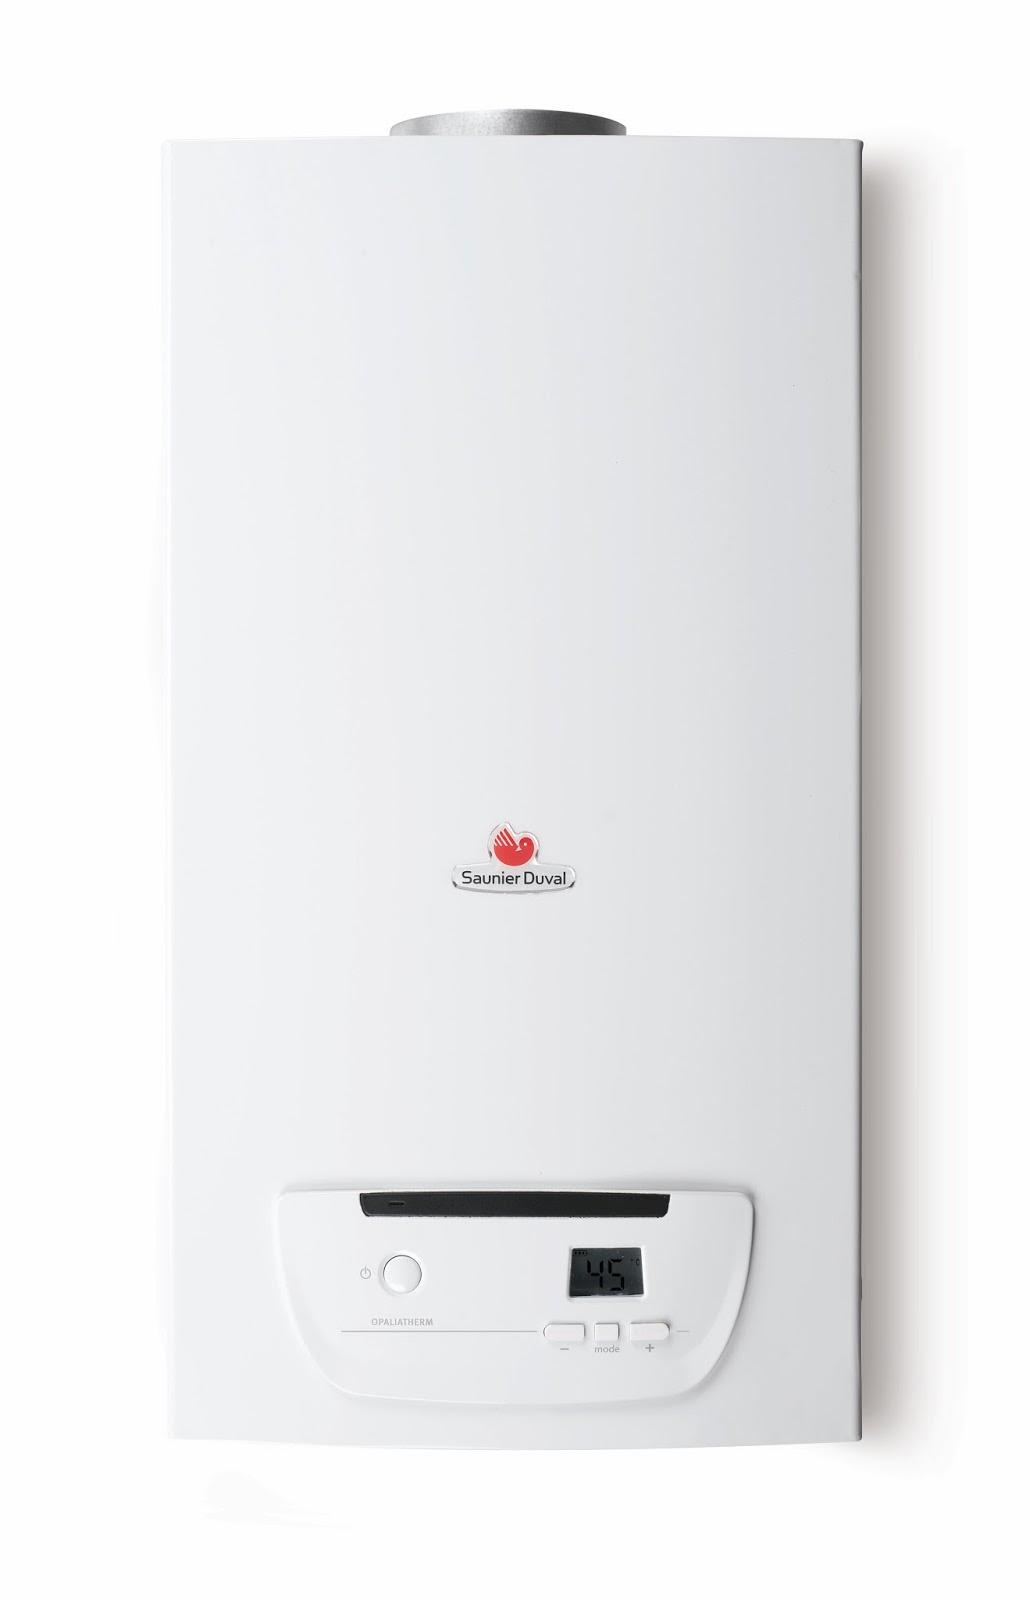 Calderas de gas precios saunier duval vaillant junkers - Precio caldera gas ...